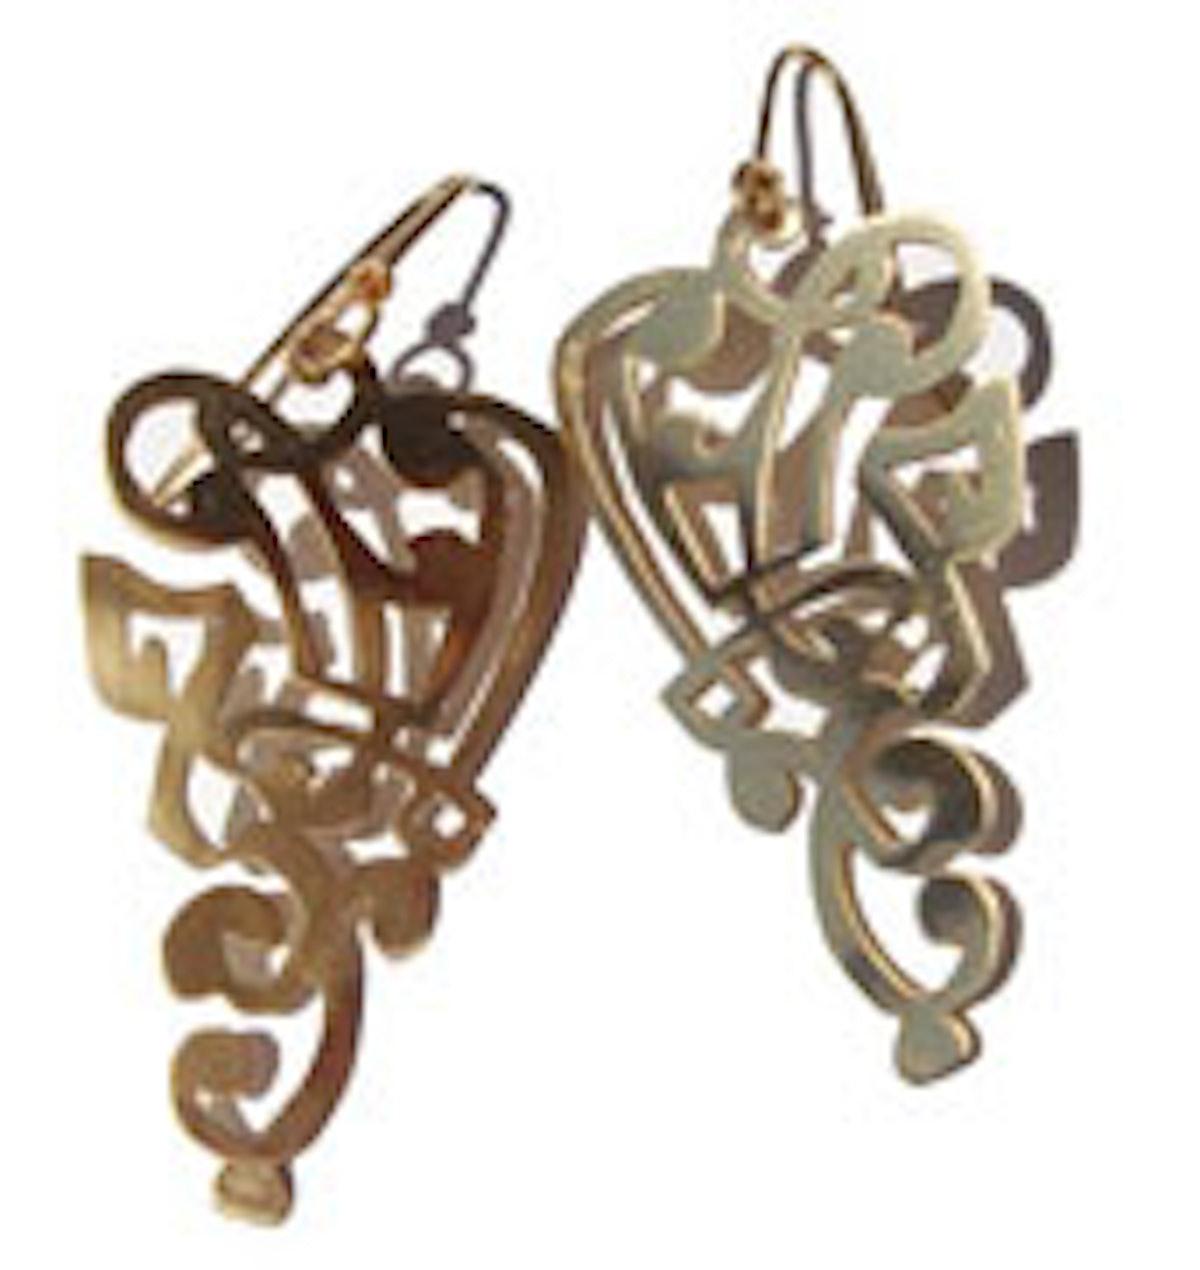 acss_earrings_search.jpg